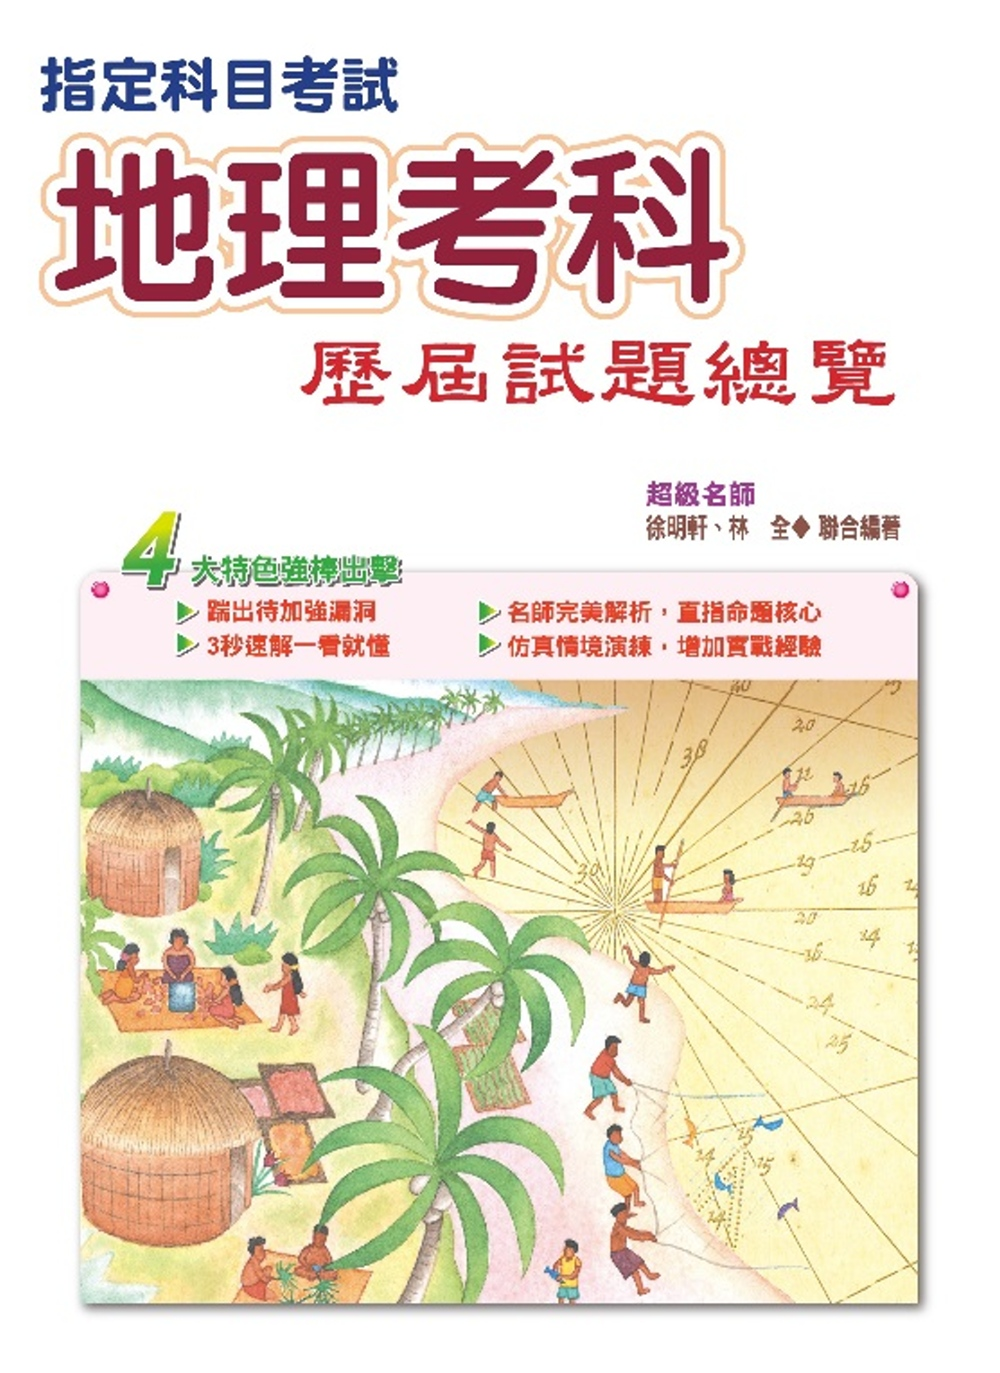 105指定科目考試地理考科歷屆試題總覽